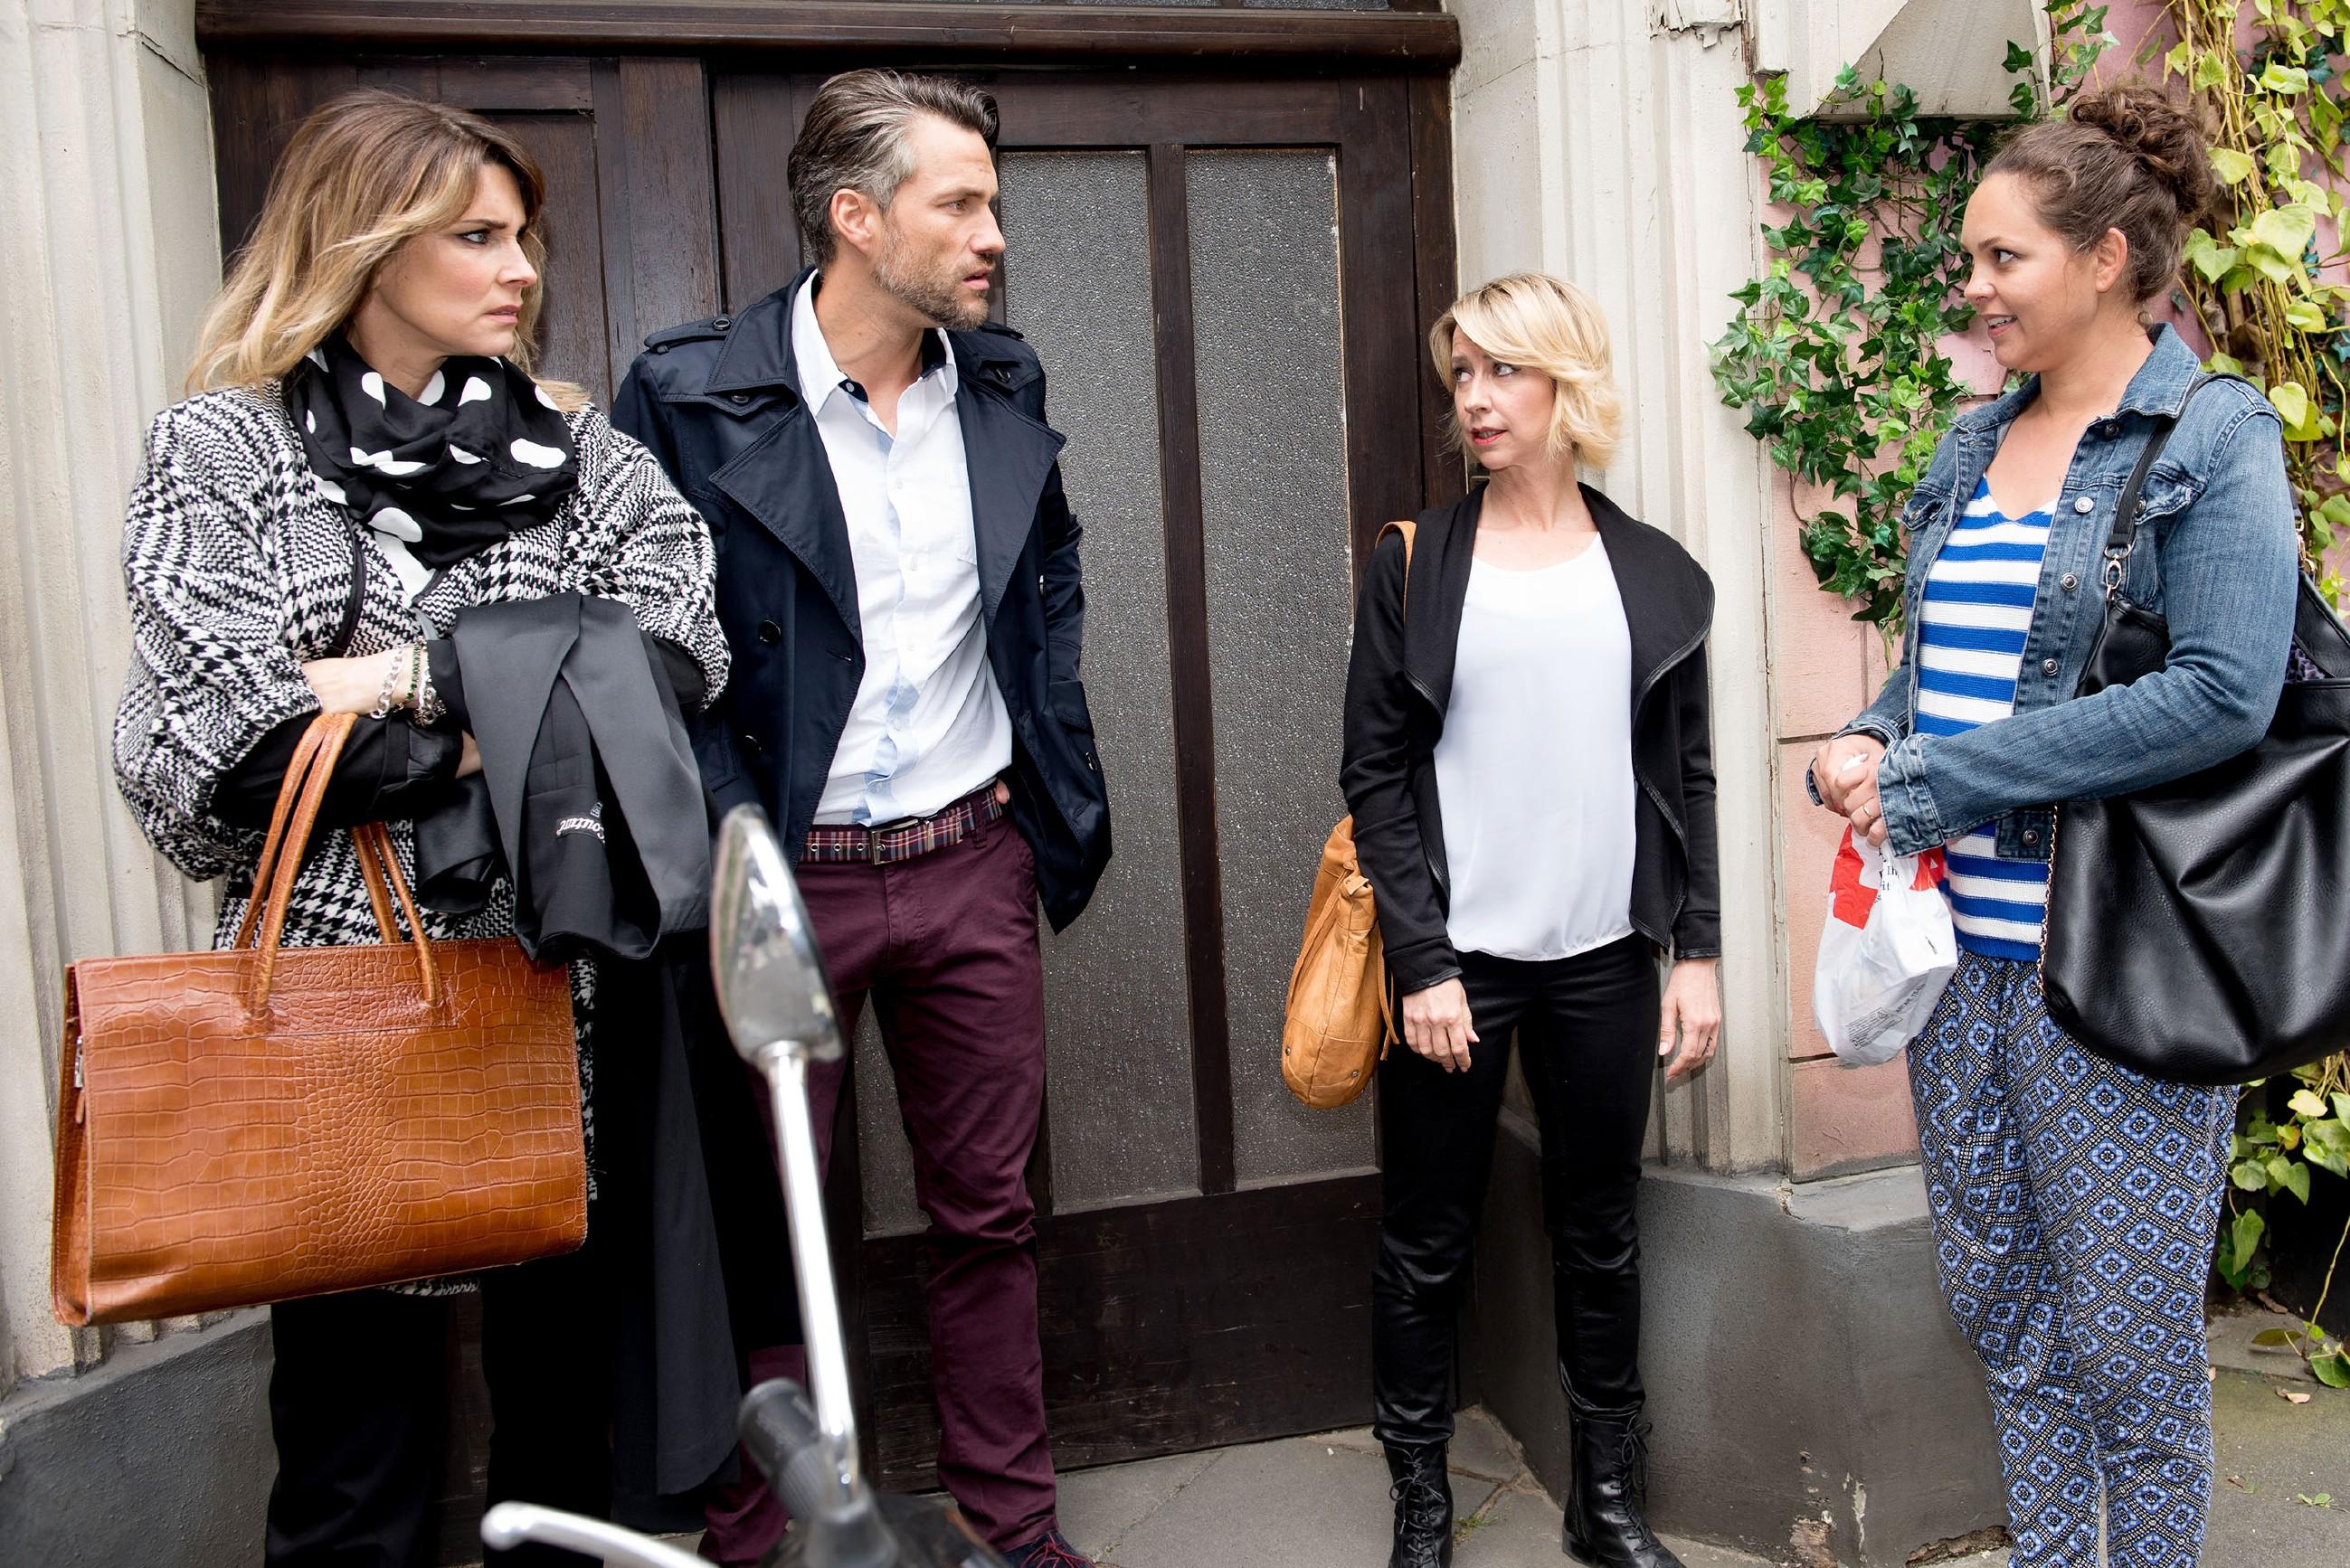 Caro (Ines Kurenbach, r.) und Ute (Isabell Hertel, 2.v.r.) halten den bevorstehenden Schwangerschaftstest vor Malte (Stefan Bockelmann) und Eva (Claudelle Deckert) geheim.